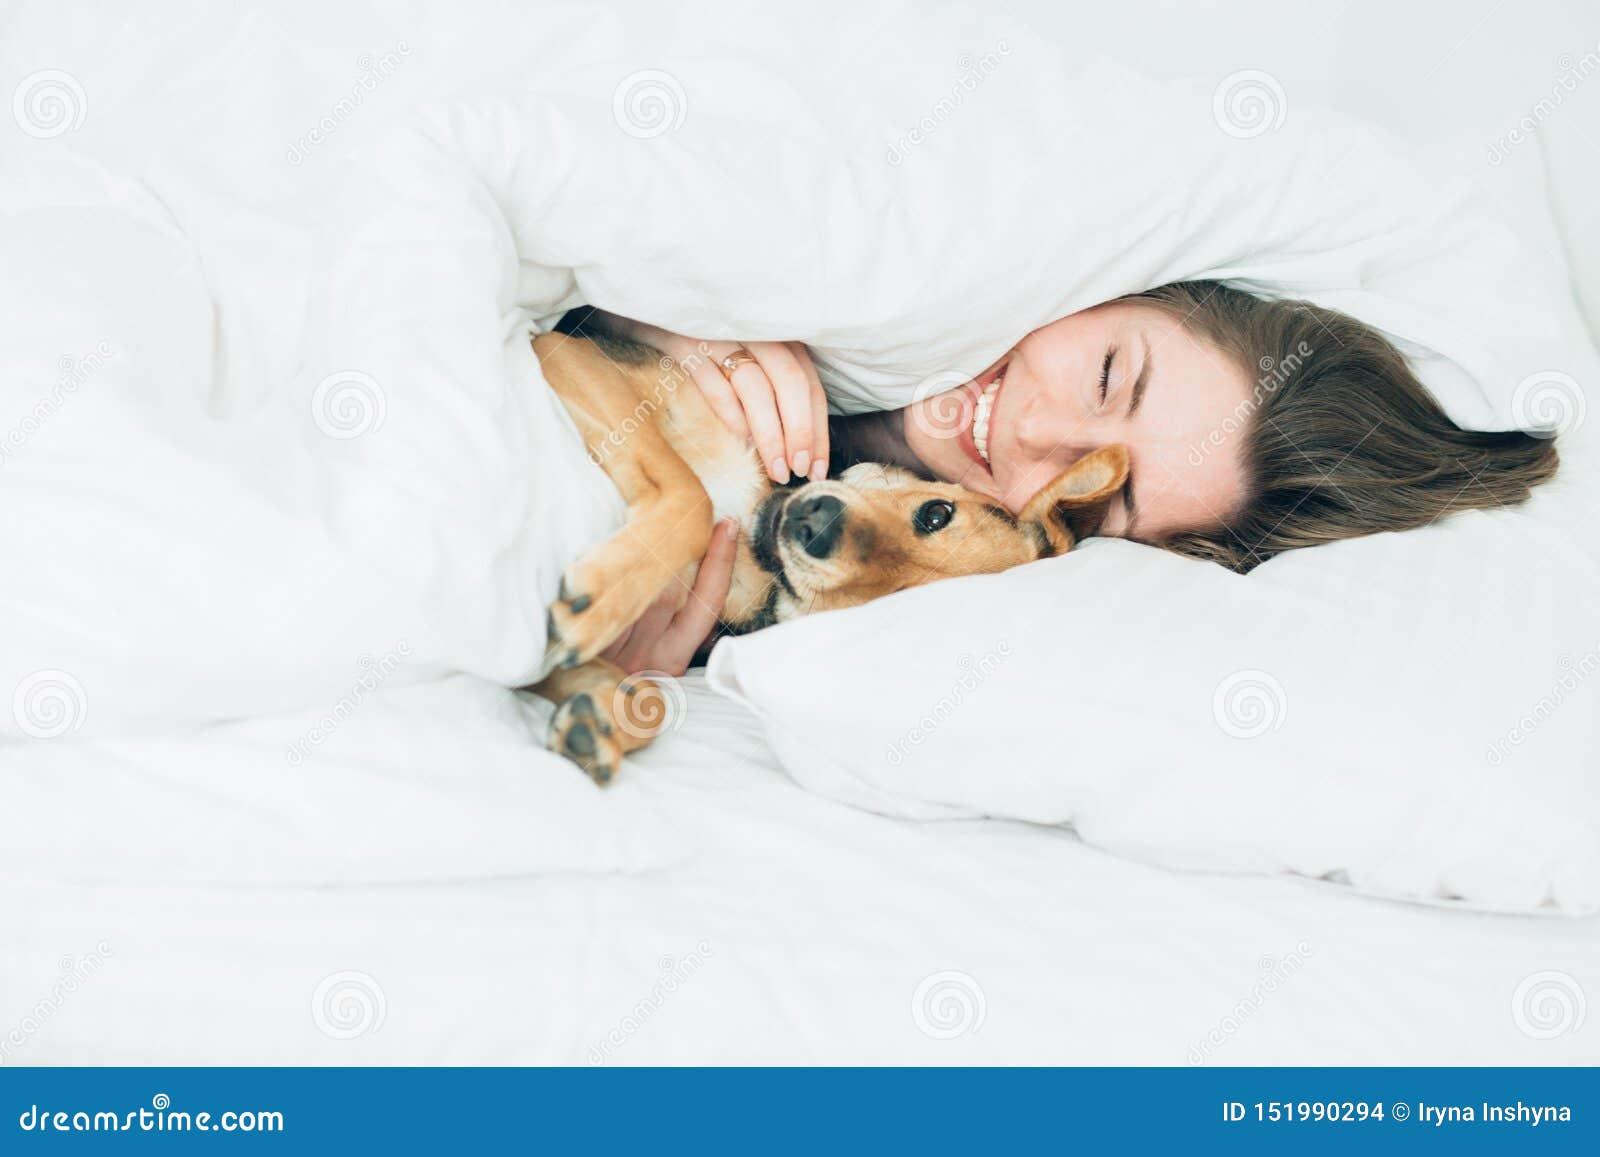 Schöne aufgeregte junge Frau und ihr netter Kanaillehund sind täuschen herum und betrachten Kamera beim Lügen, das mit einer Deck